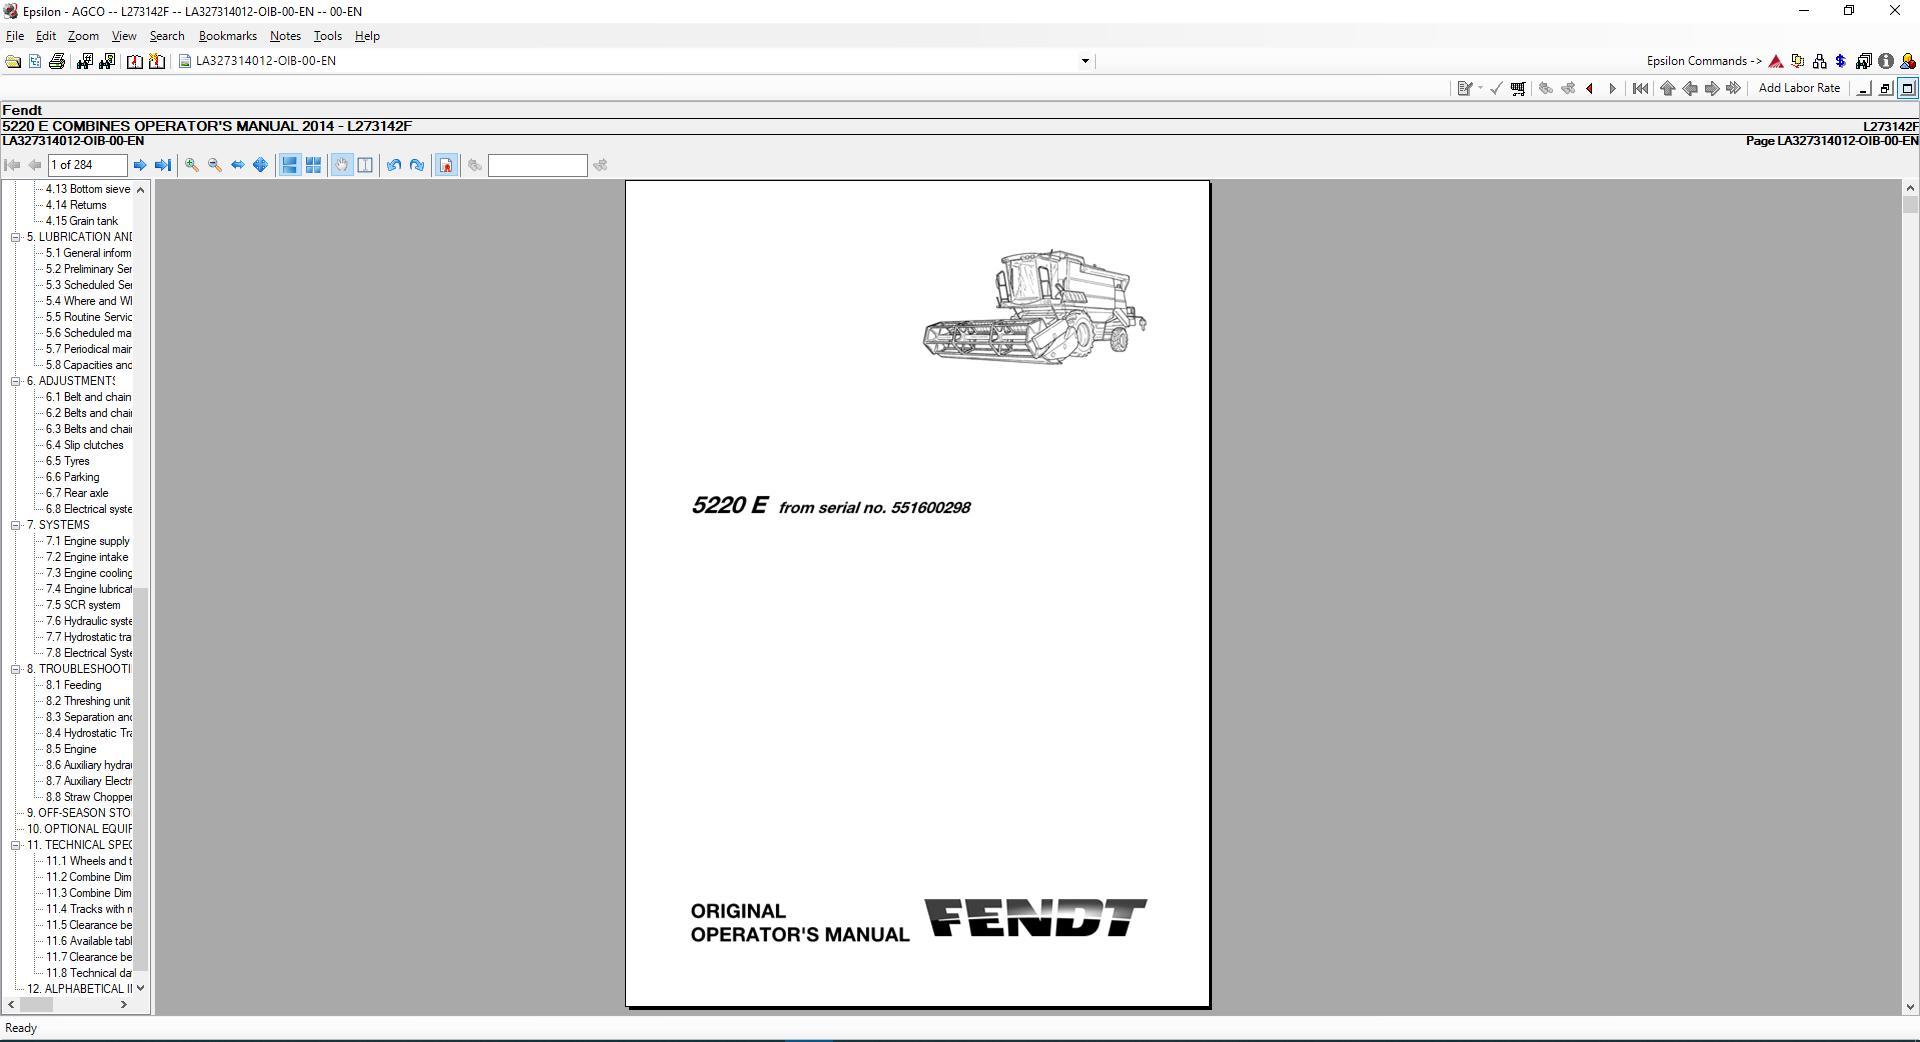 Fendt_AG_Europe_Parts_Catalog_Workshop_Service_Manuals_0520198